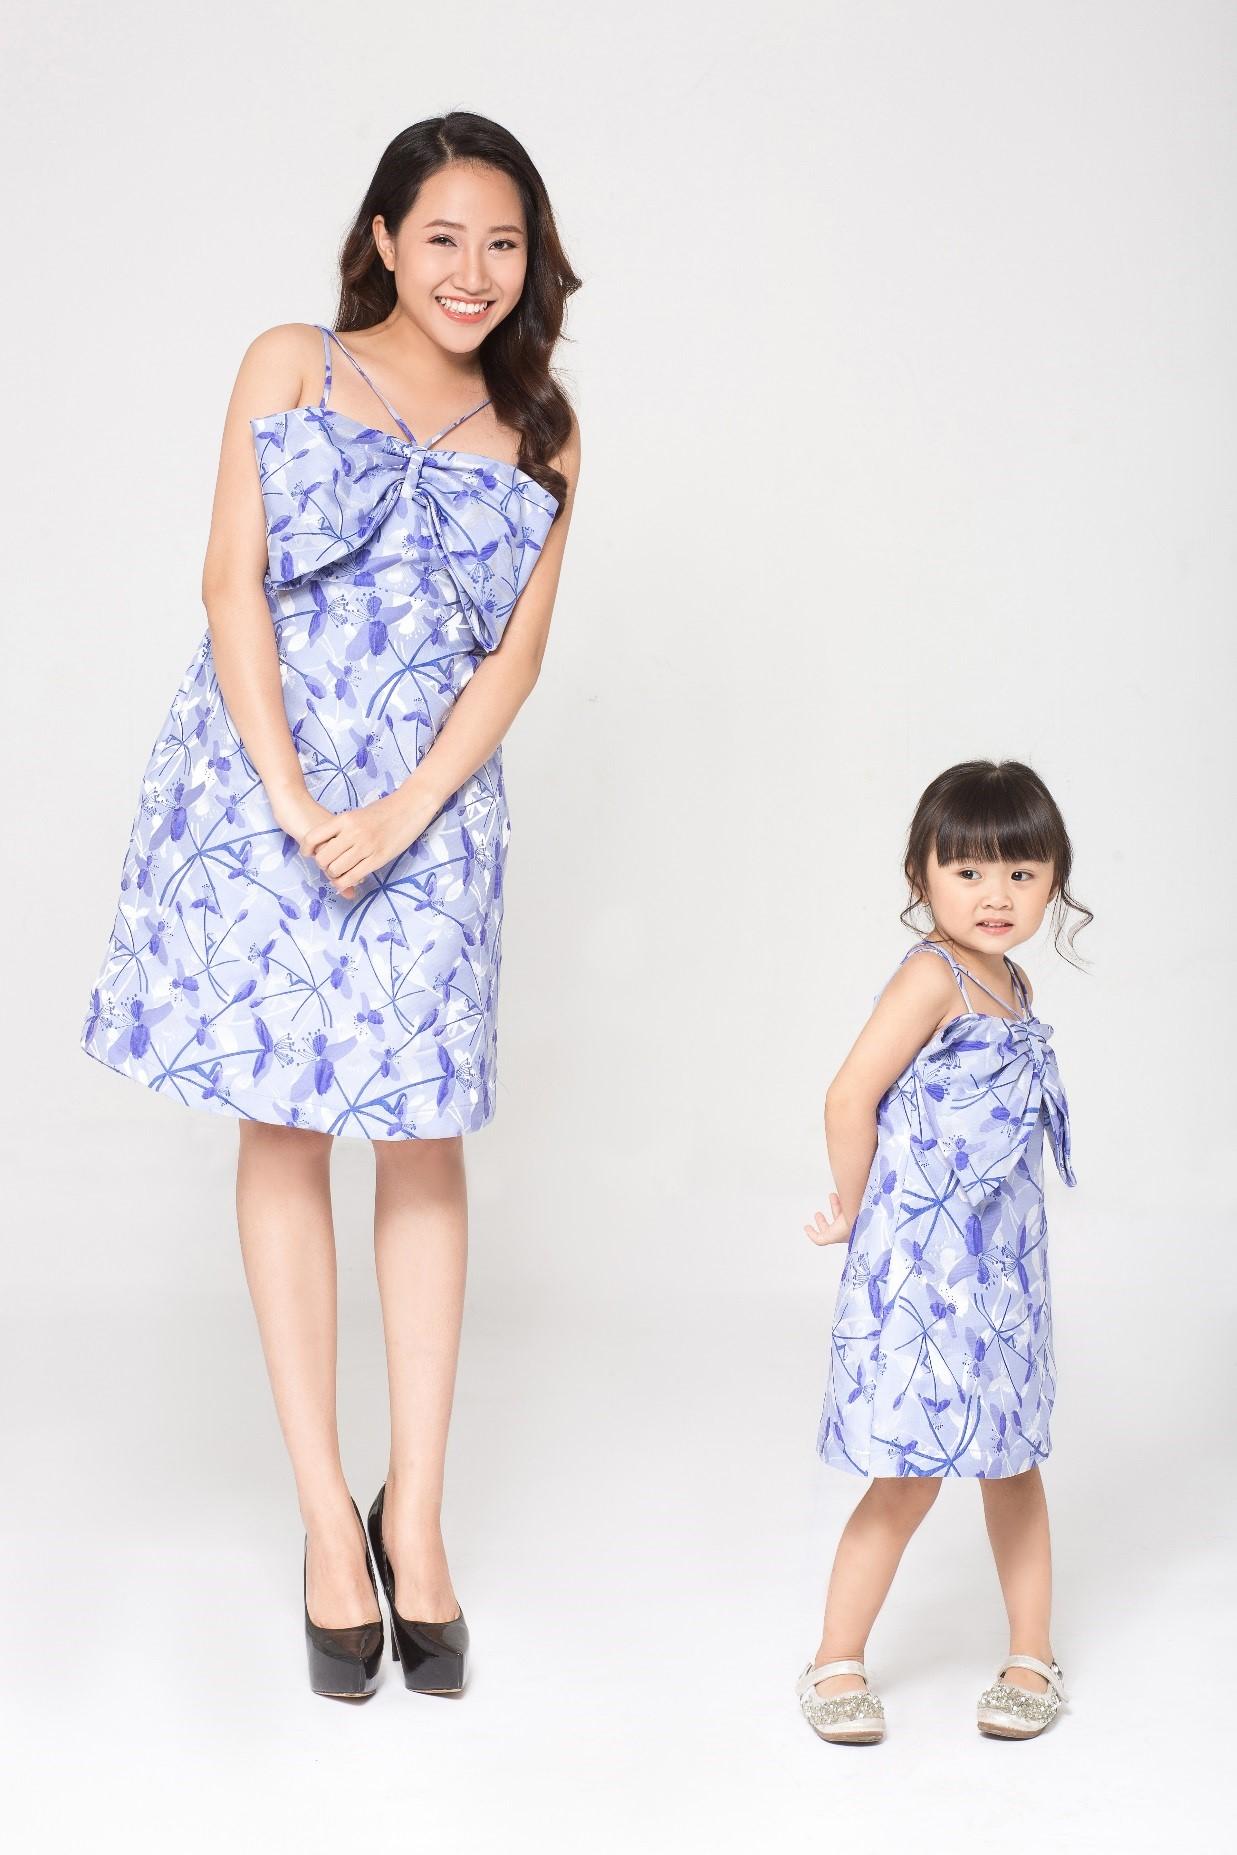 Cùng Vy Oanh, Linh Nga, Trương Quỳnh Anh và Ngọc Diễm mang nụ cười đến trẻ em Việt Nam - Ảnh 8.